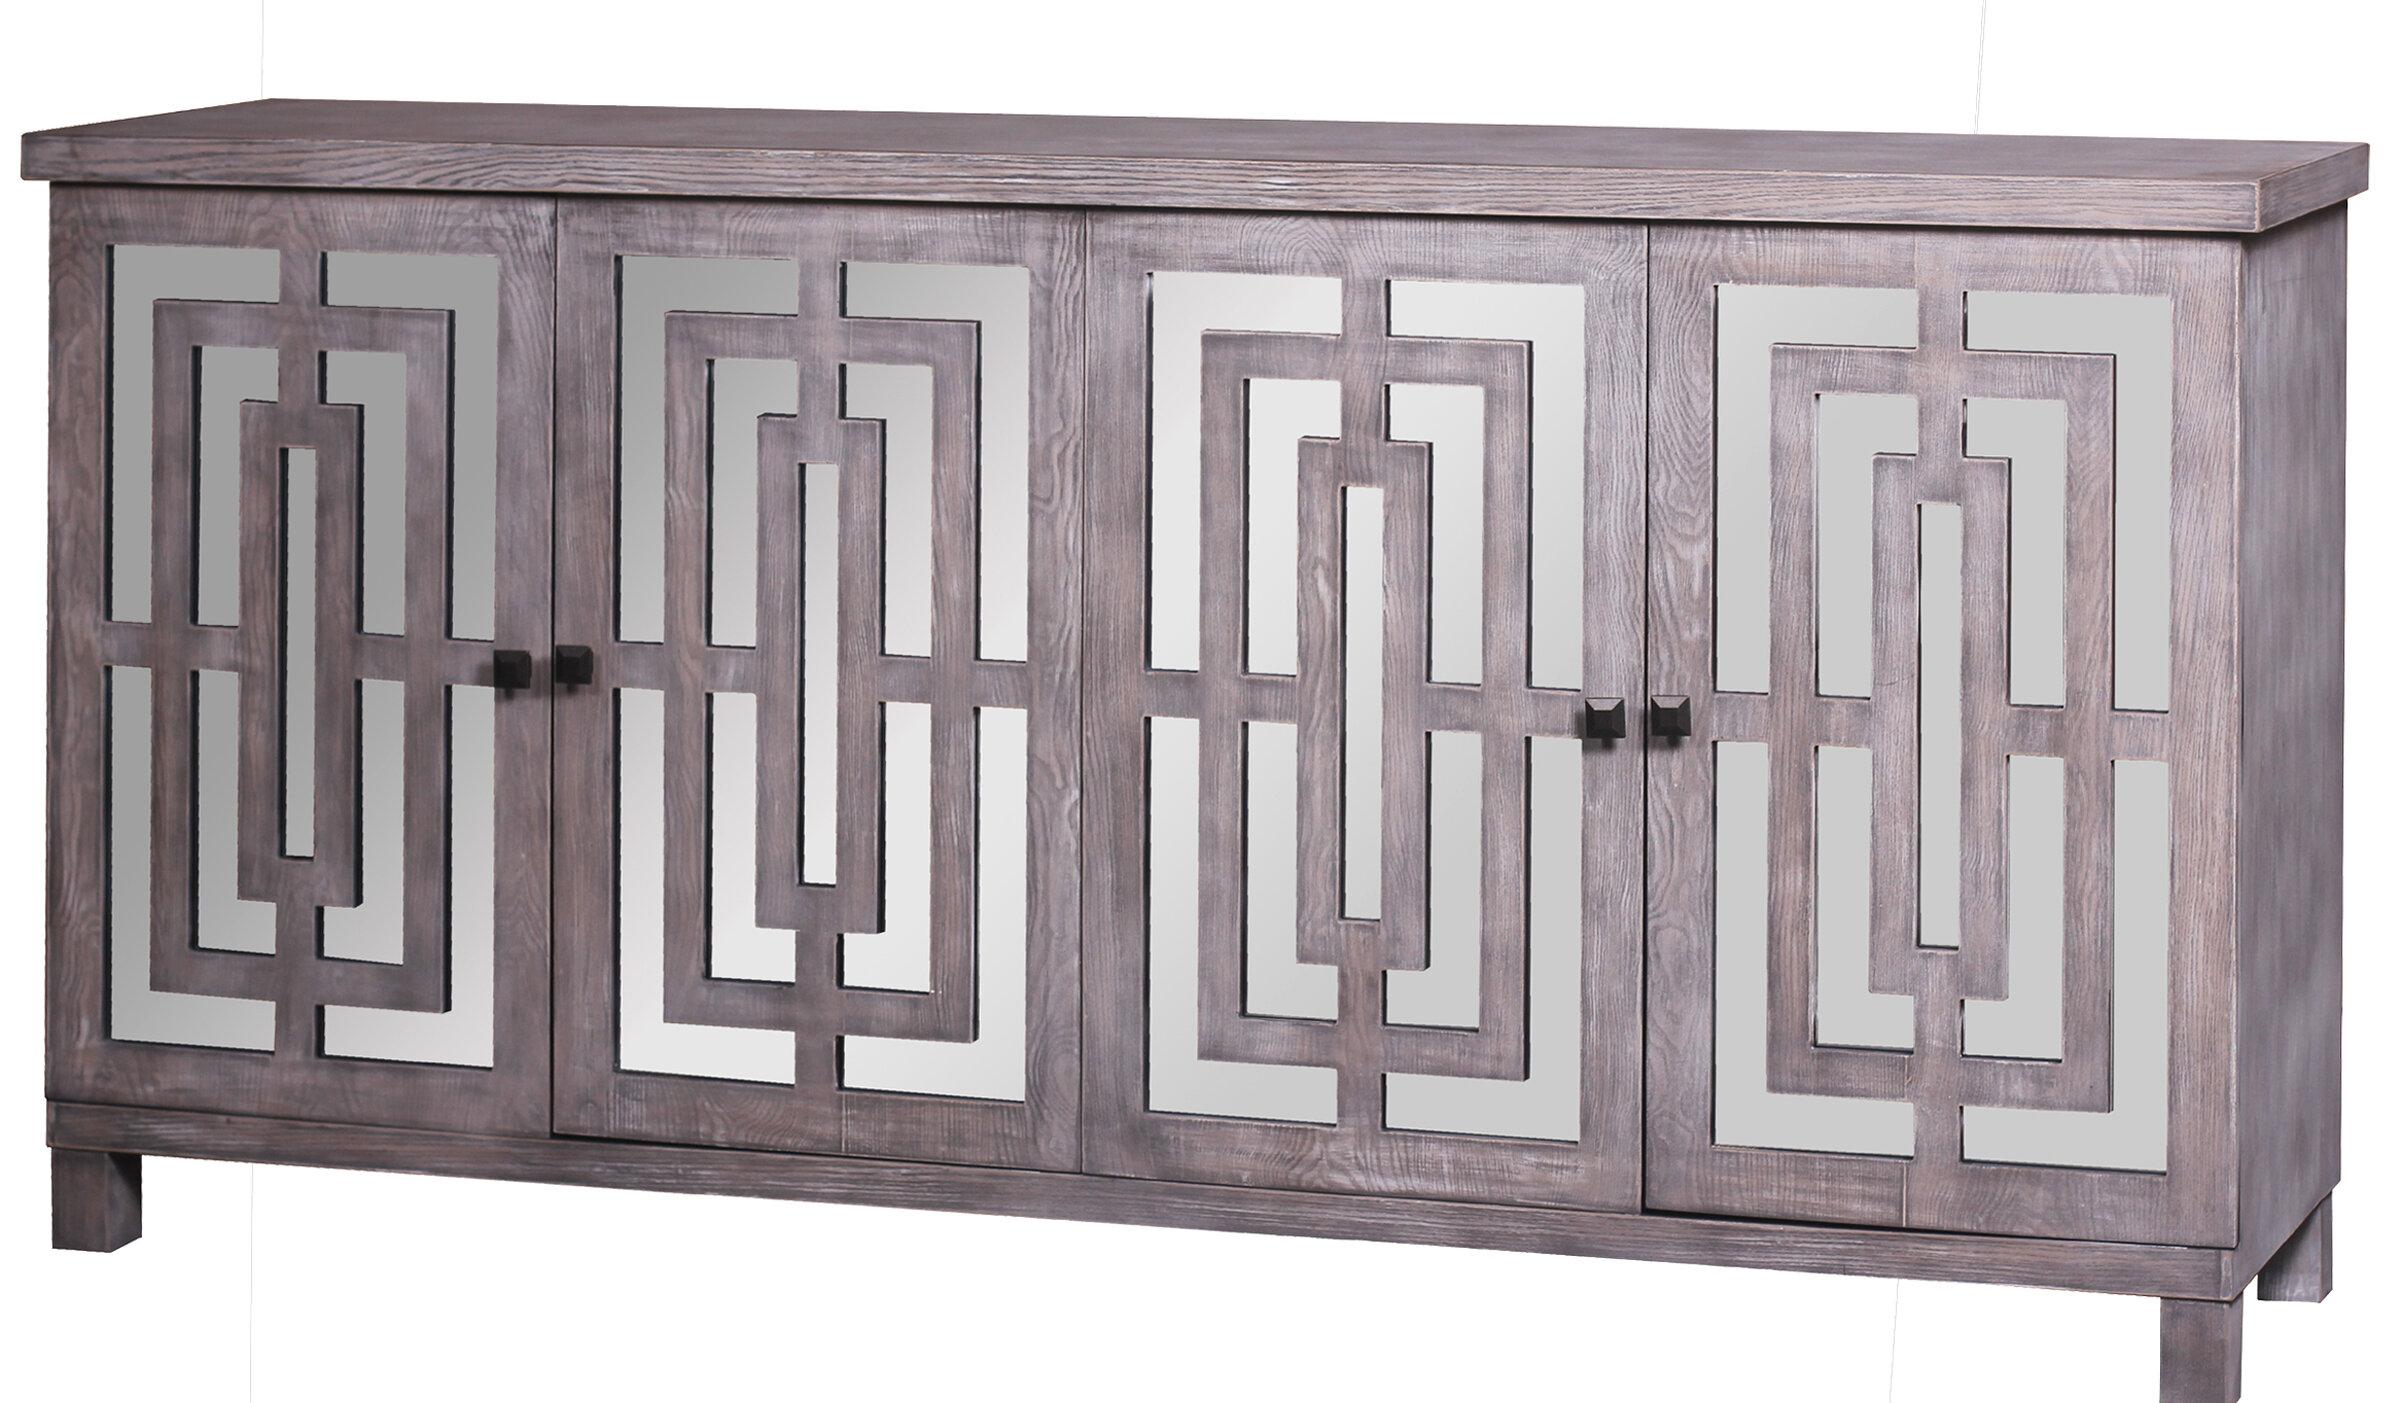 Modern & Contemporary Kieth 4 Door Credenza | Allmodern Pertaining To Kieth 4 Door Credenzas (View 4 of 30)